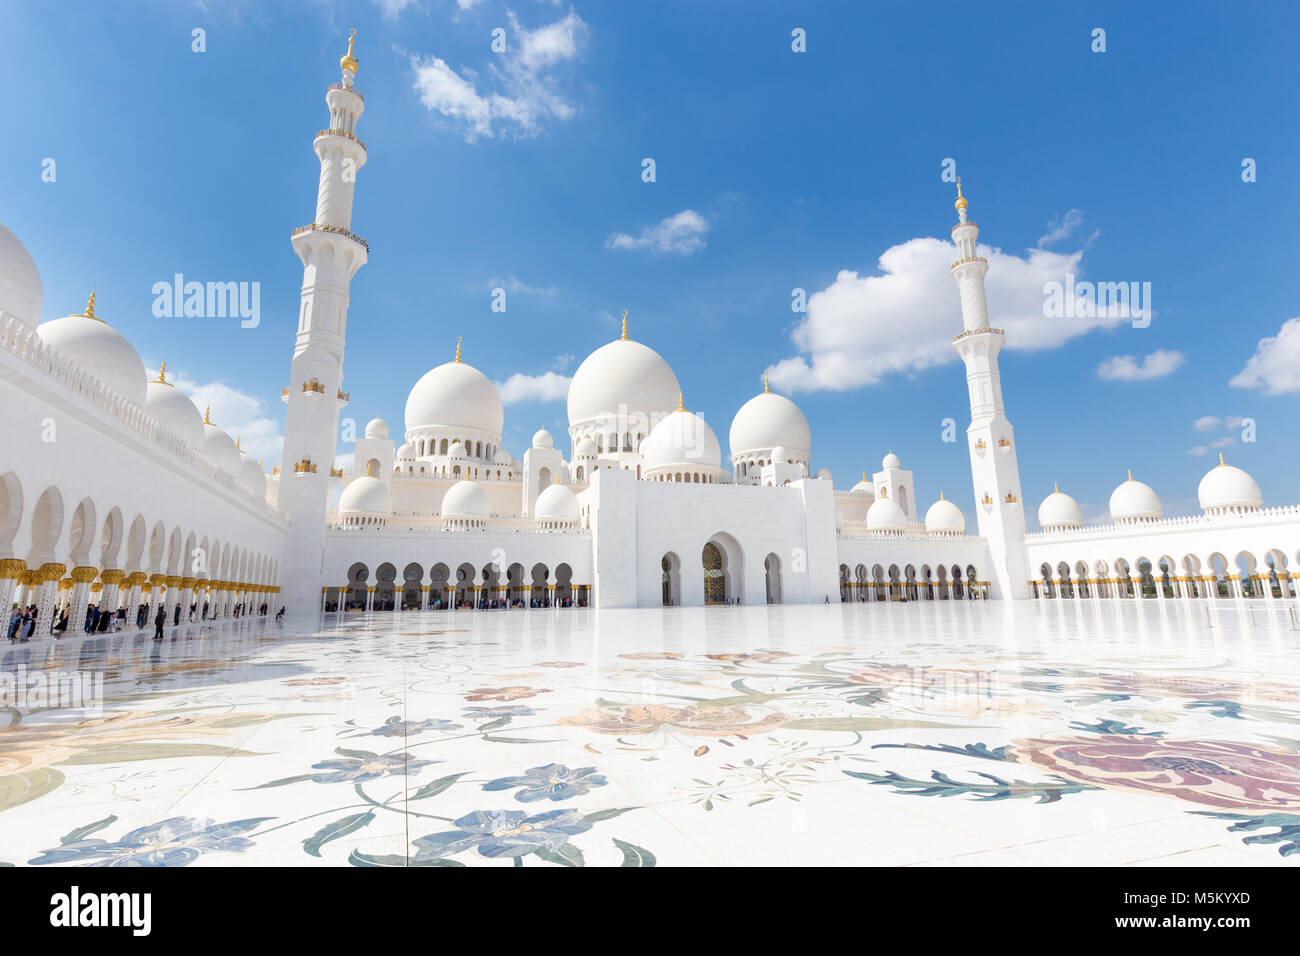 Gran Mezquita de Sheikh Zayed, Abu Dhabi, Emiratos Árabes Unidos. Imagen De Stock